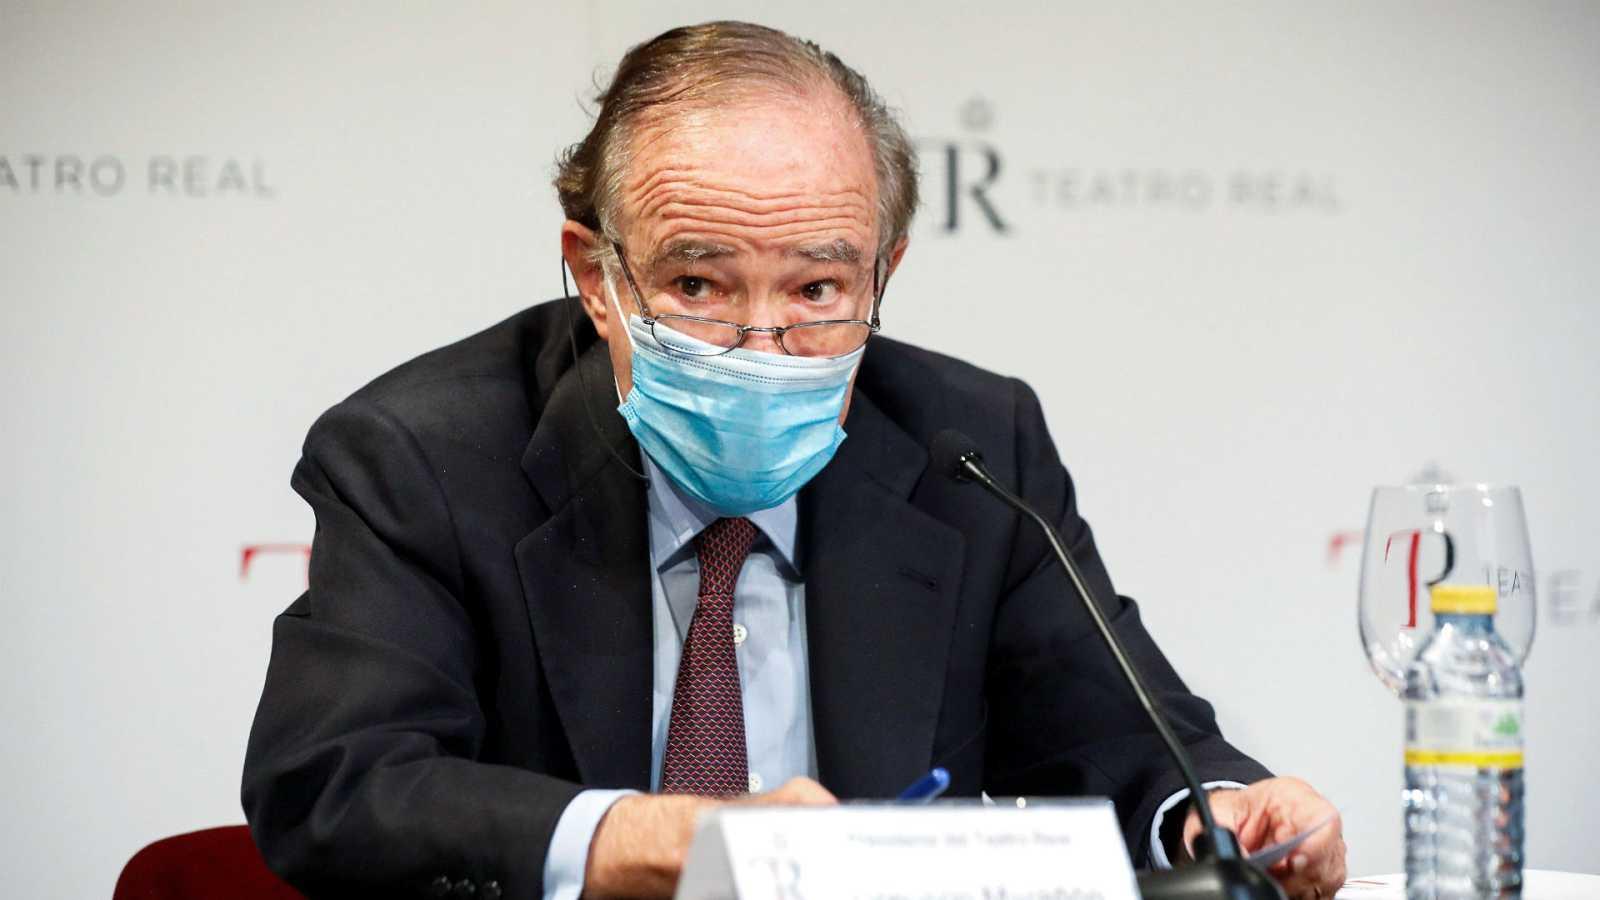 """14 horas - El presidente del Teatro Real: """"No se incumplió ninguna ley"""" - Escuchar ahora"""